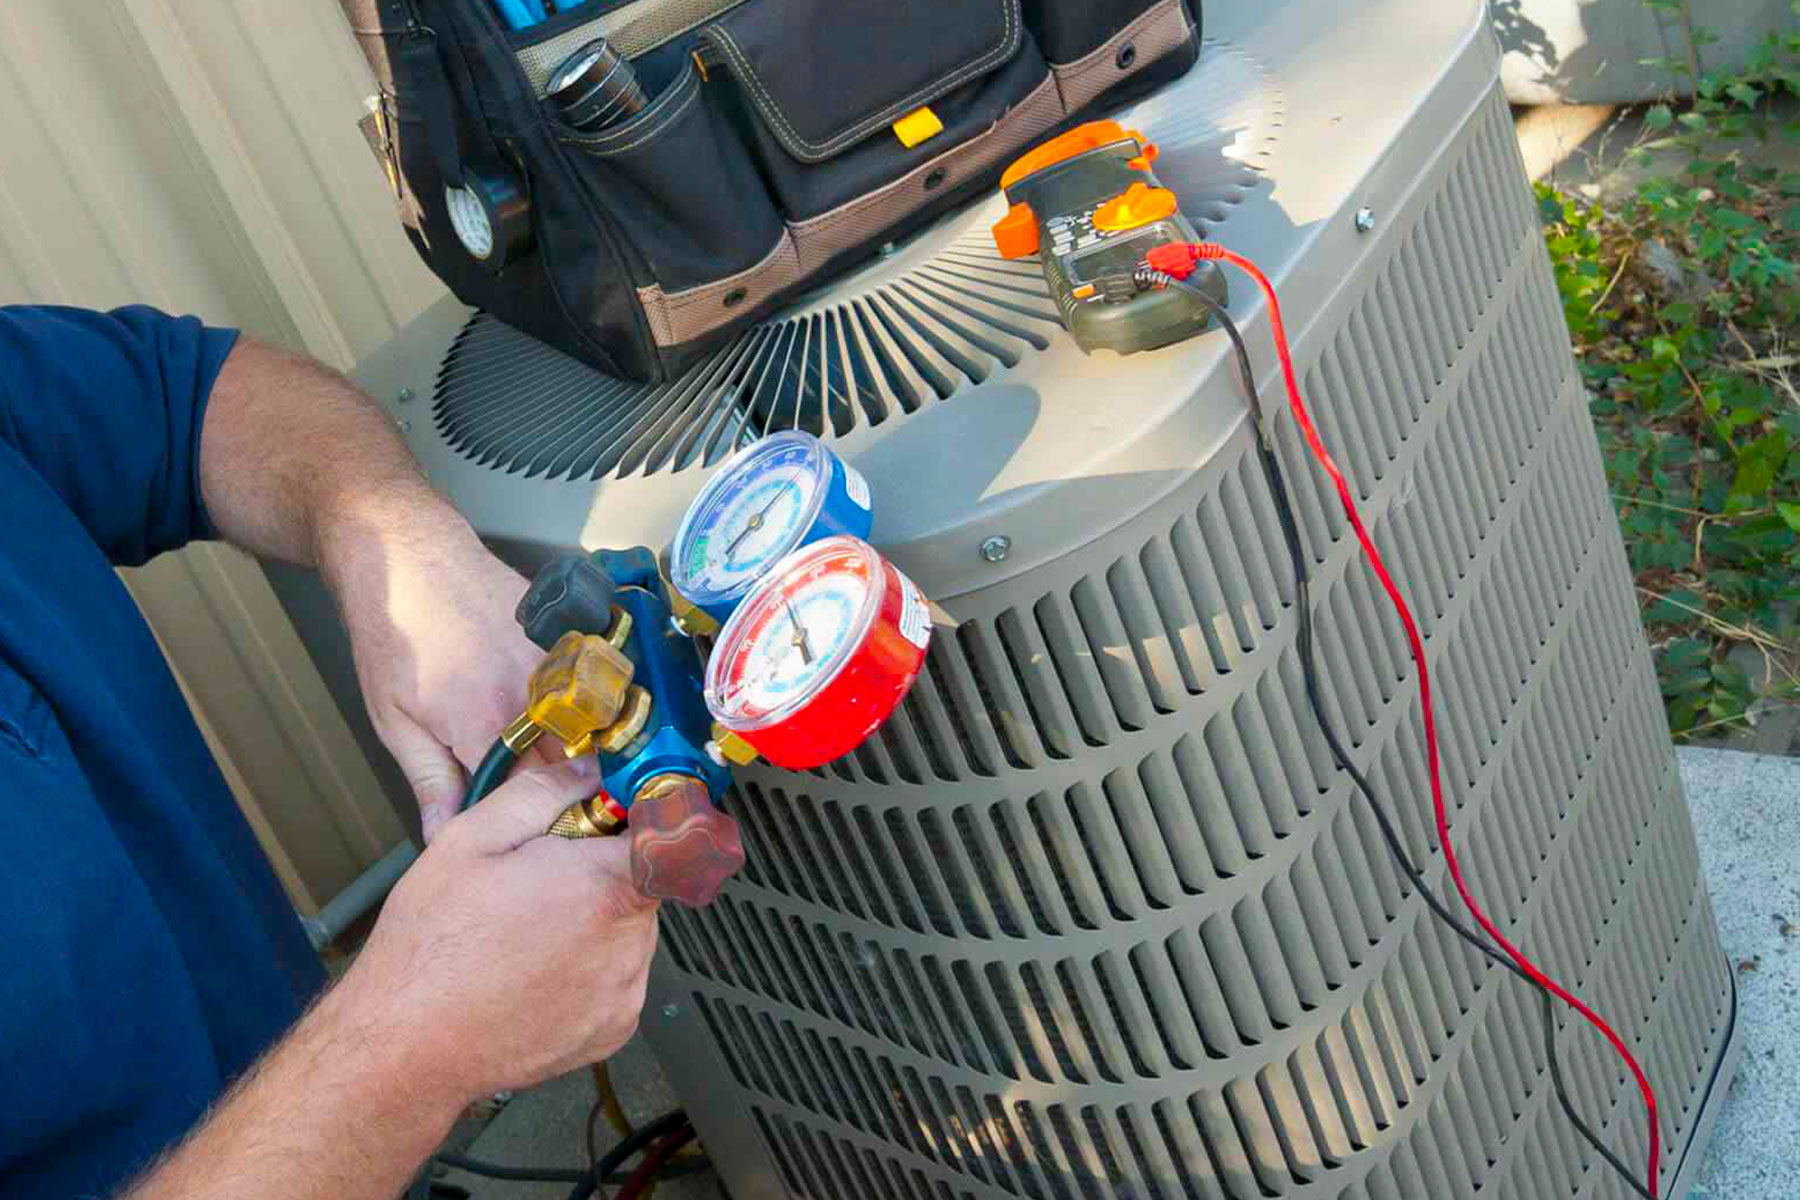 https://www.fl-impianti.it/wp-content/uploads/2021/01/manutenzione-pompe-di-calore-1.jpg